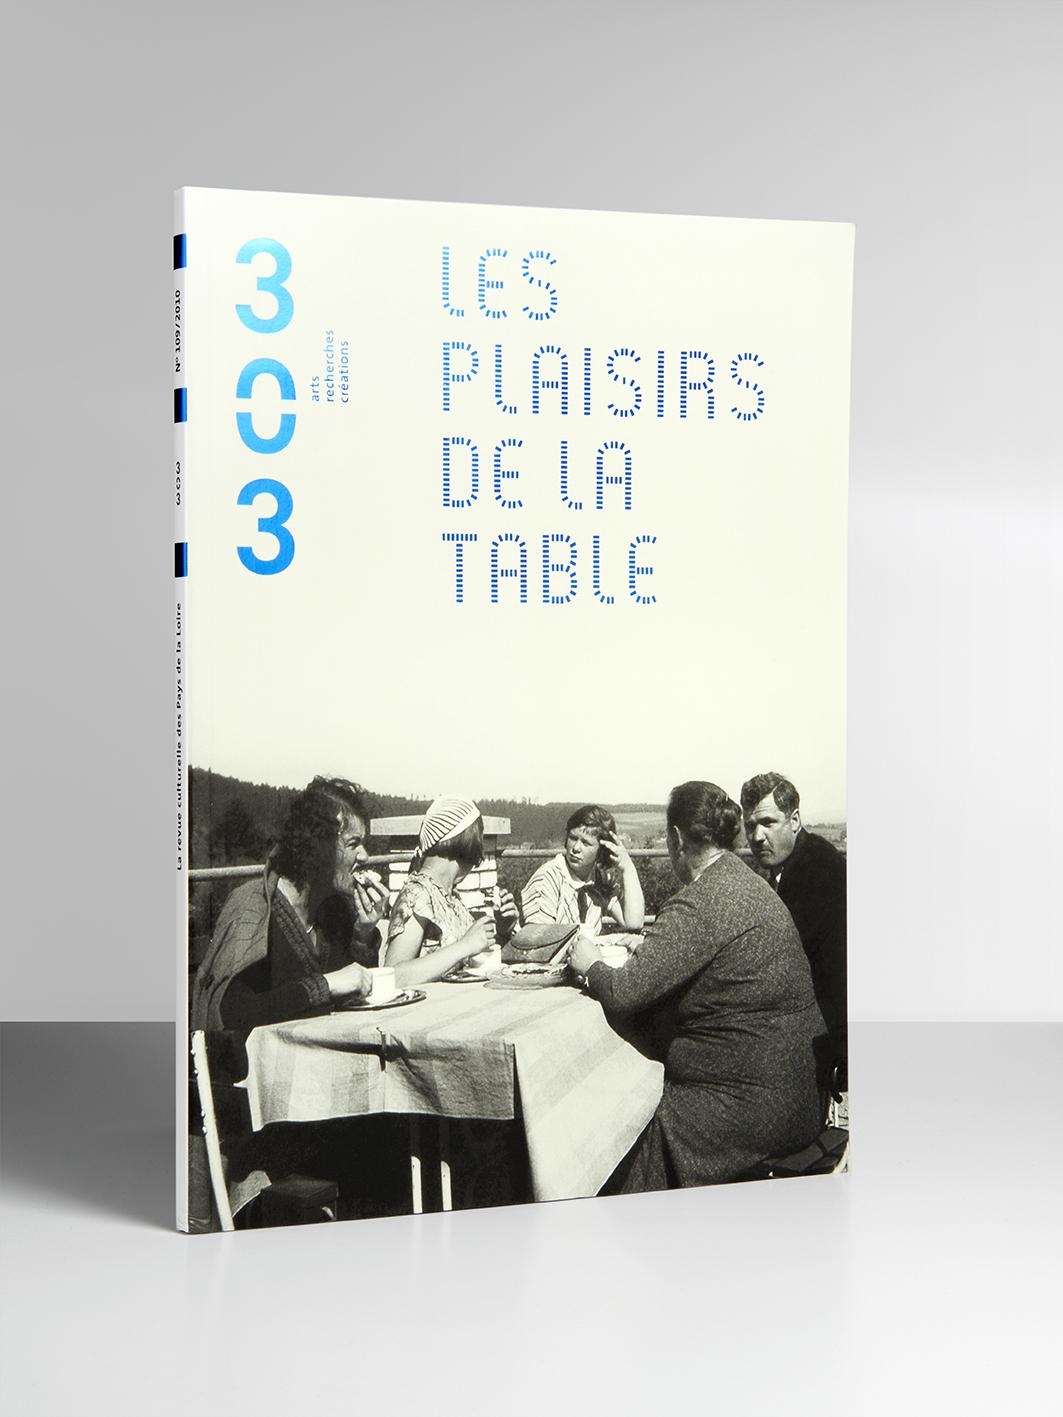 Revue303_109_Les plaisirs de la table_013